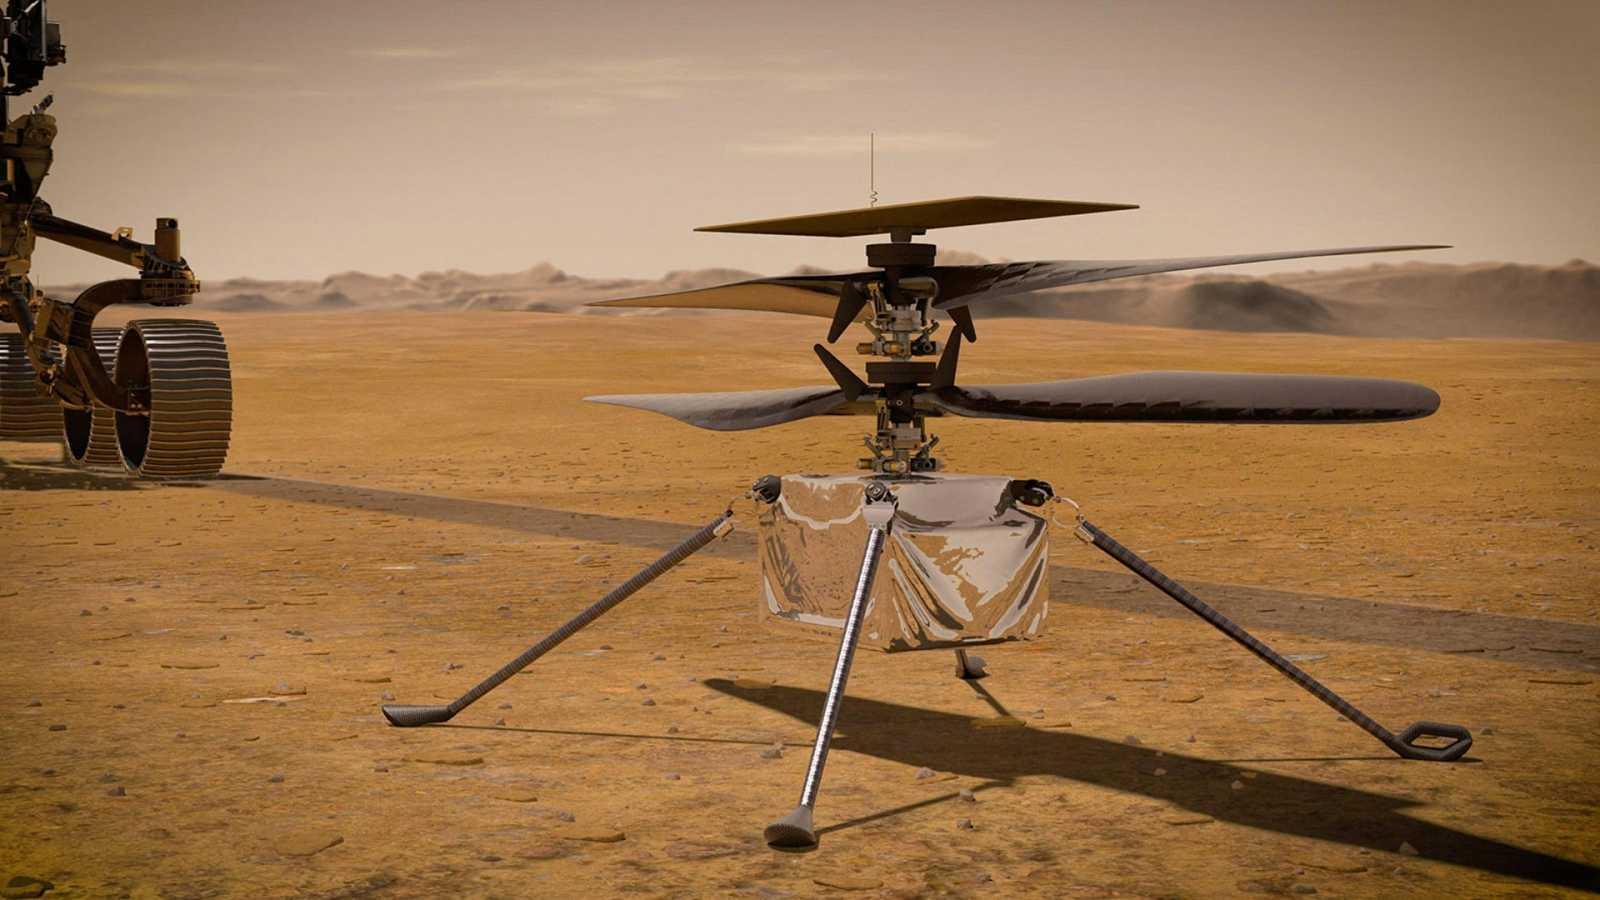 El helicóptero Ingenuity de la NASA aterriza en el cráter Jezero de Marte